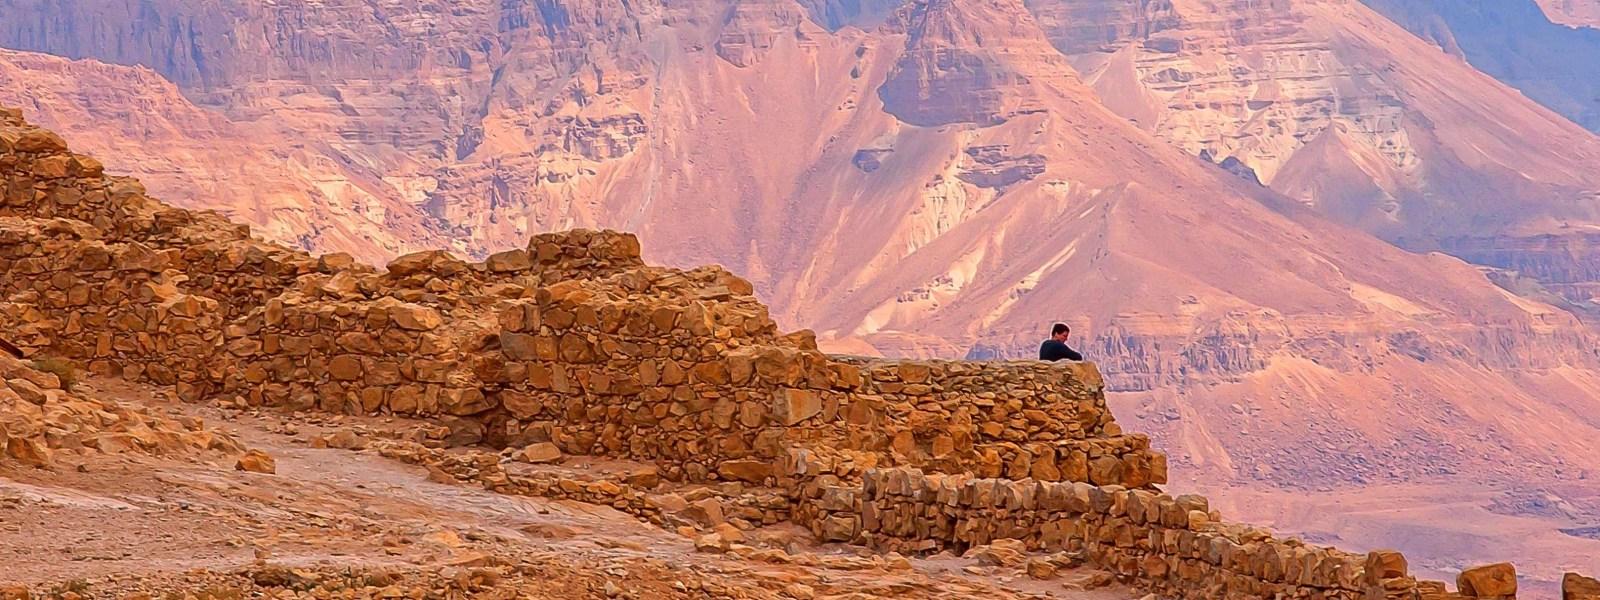 Masada-Tour-Guide